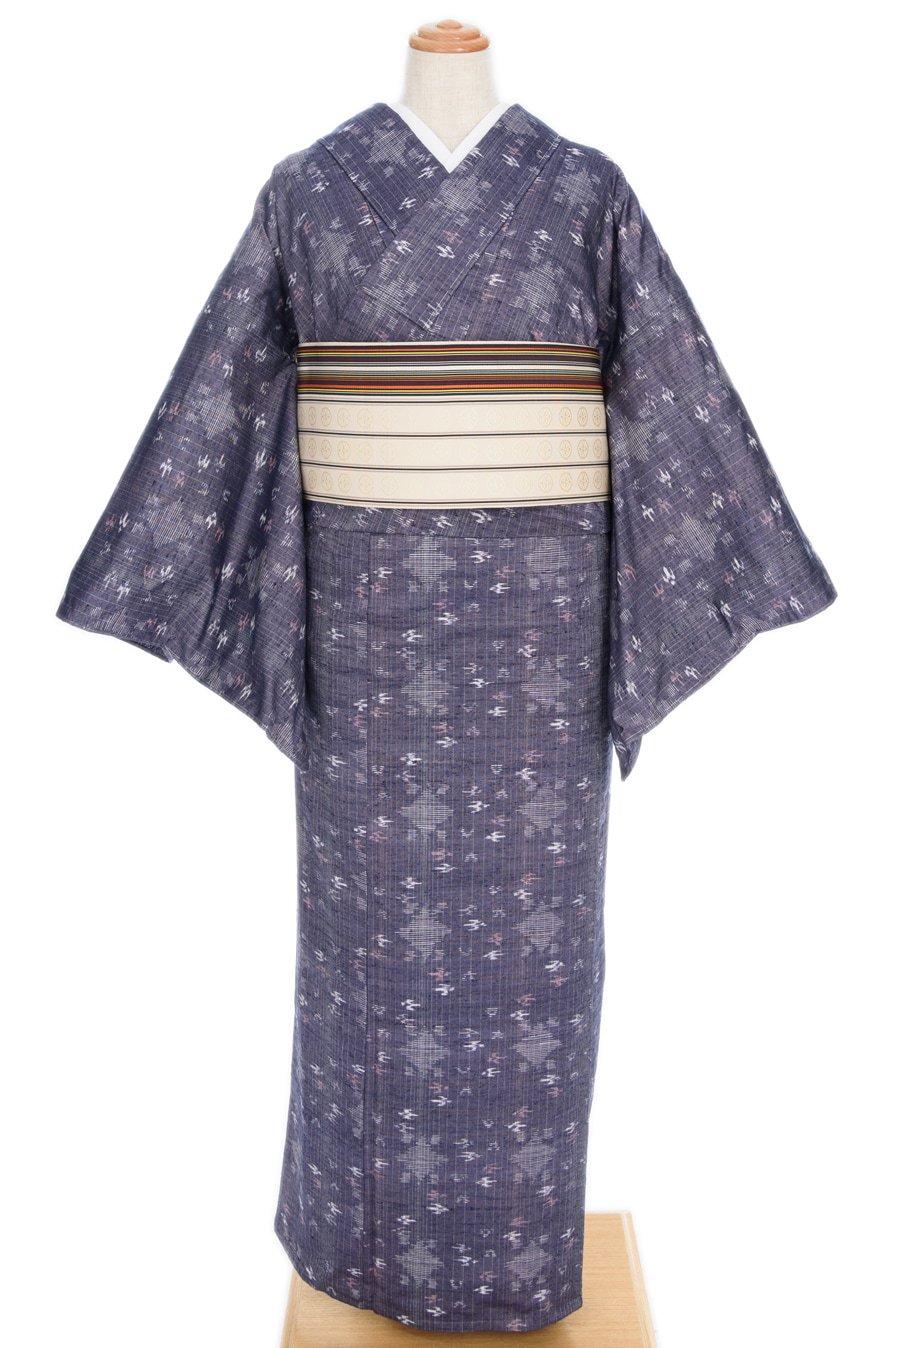 「単衣●紬 菱と燕 絣柄」の商品画像